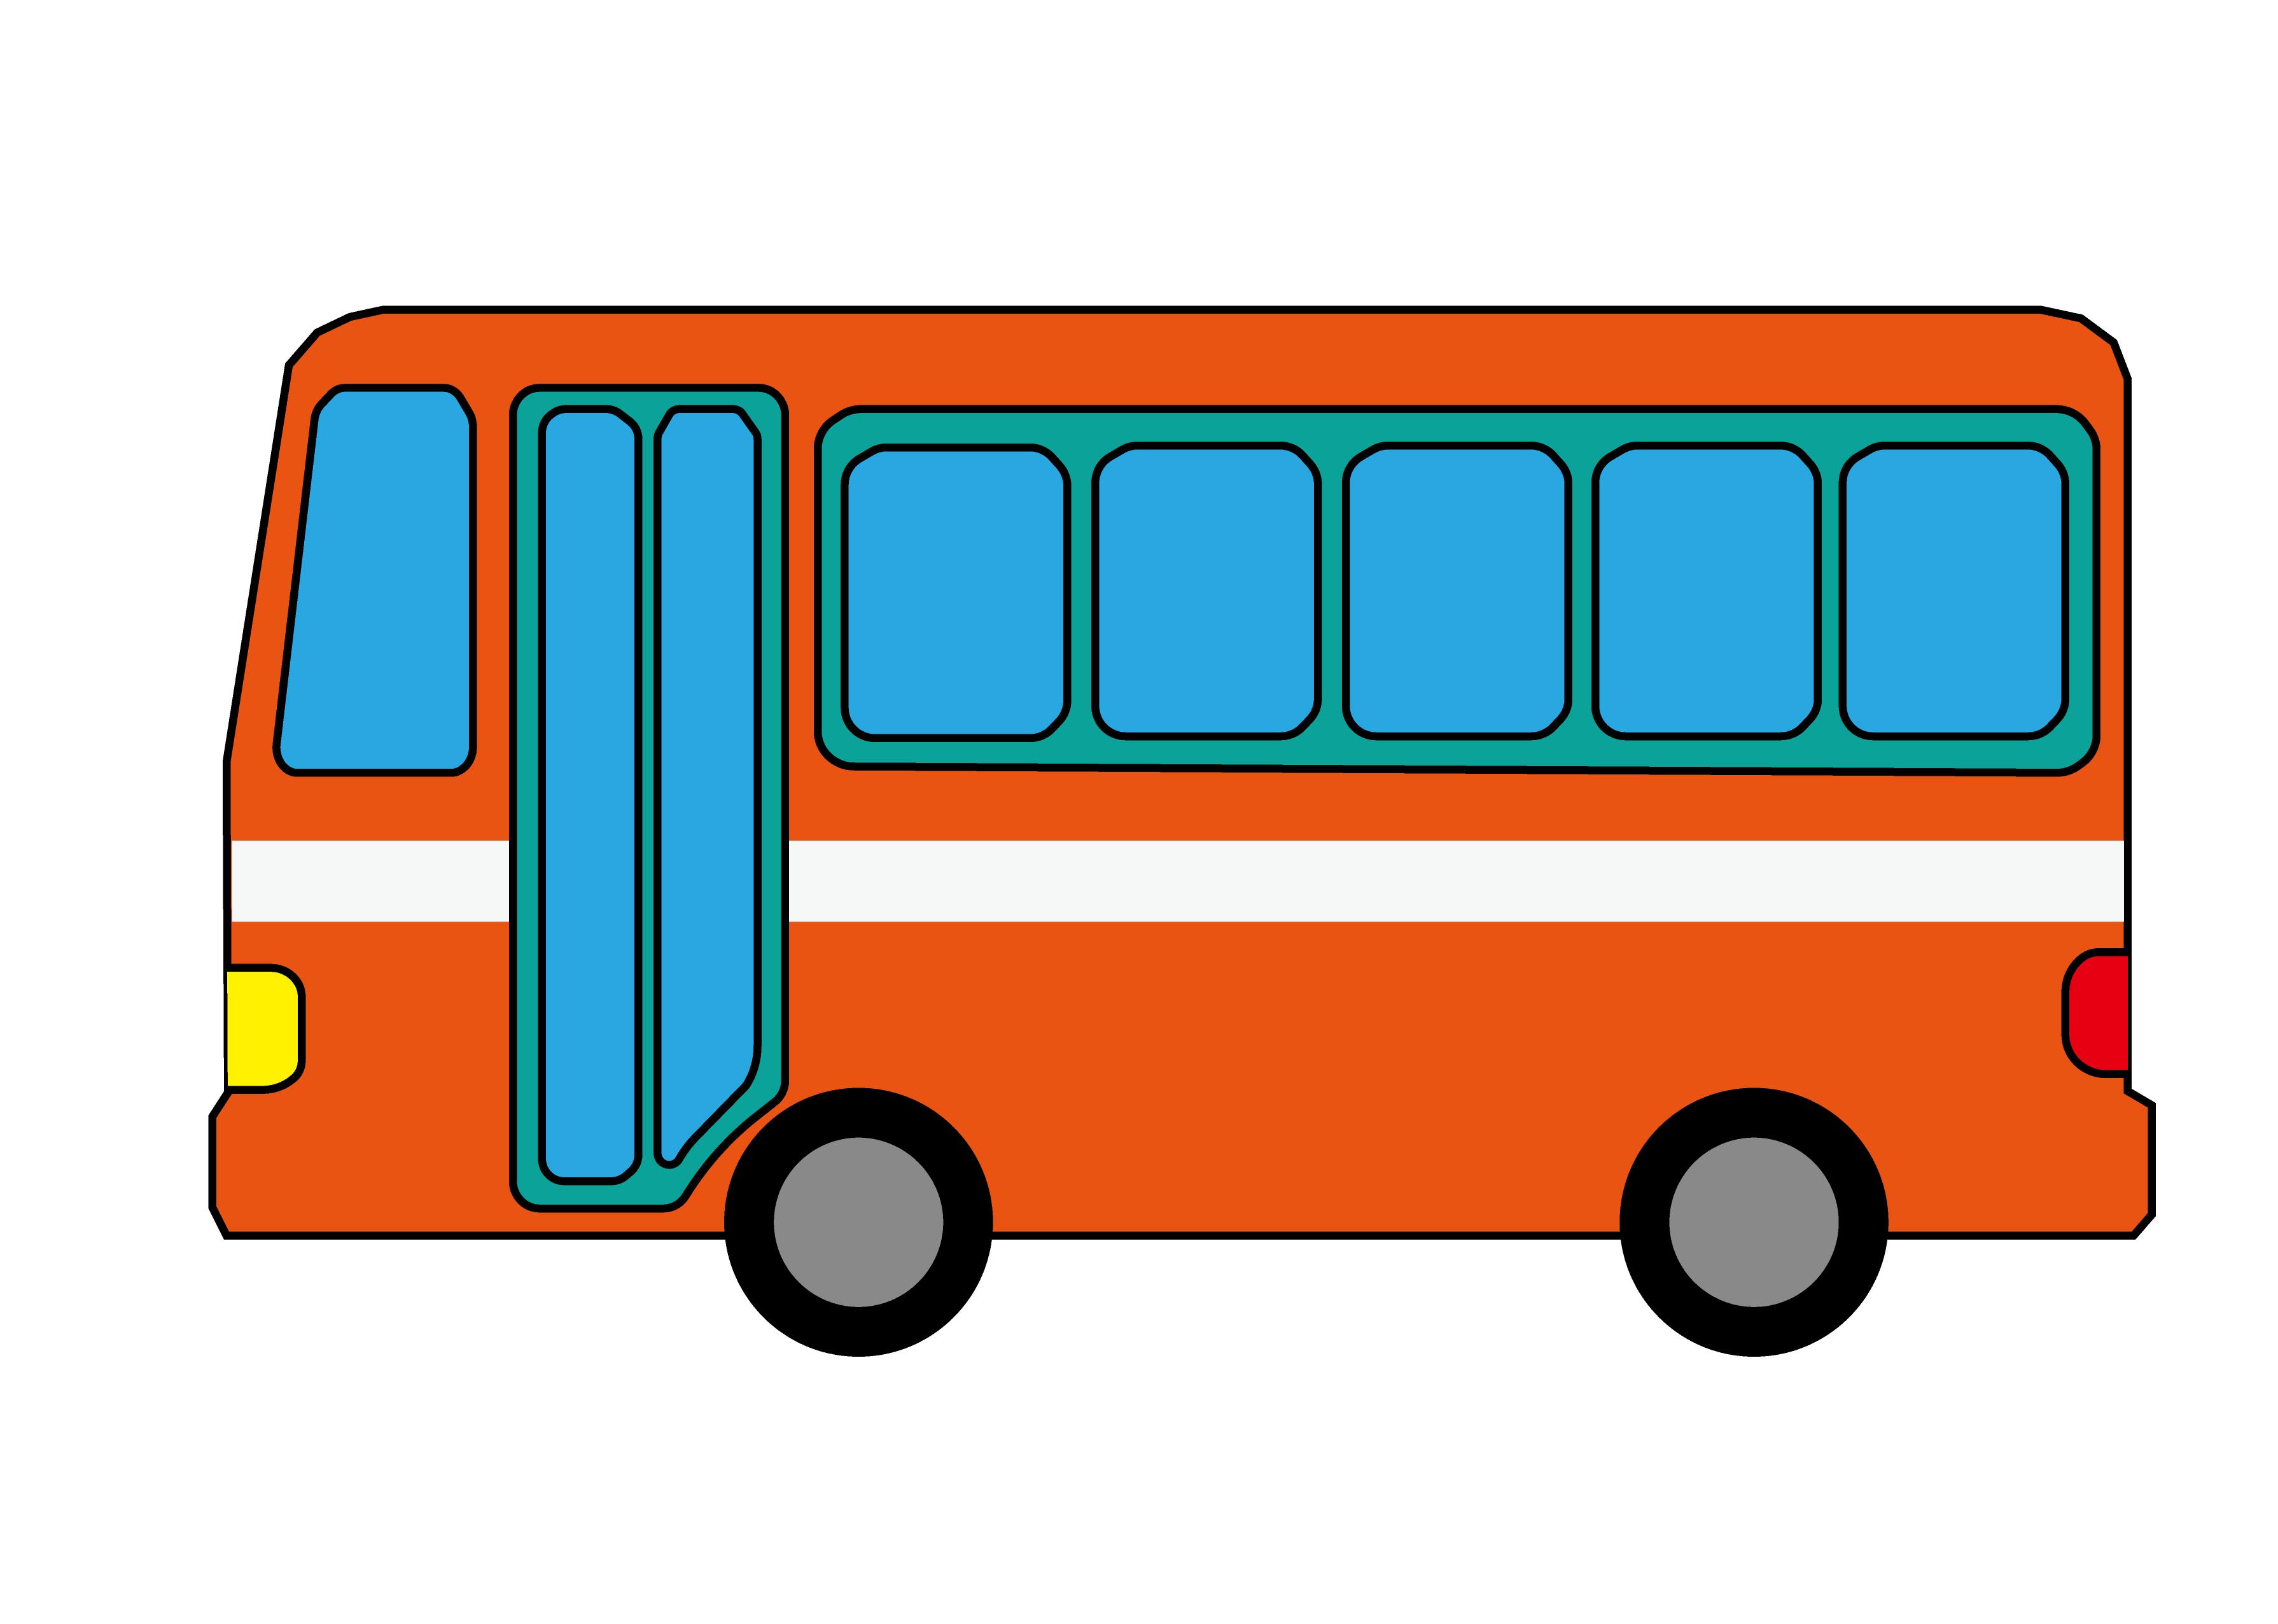 無料ぬりえプリント「バス」(完成一例)